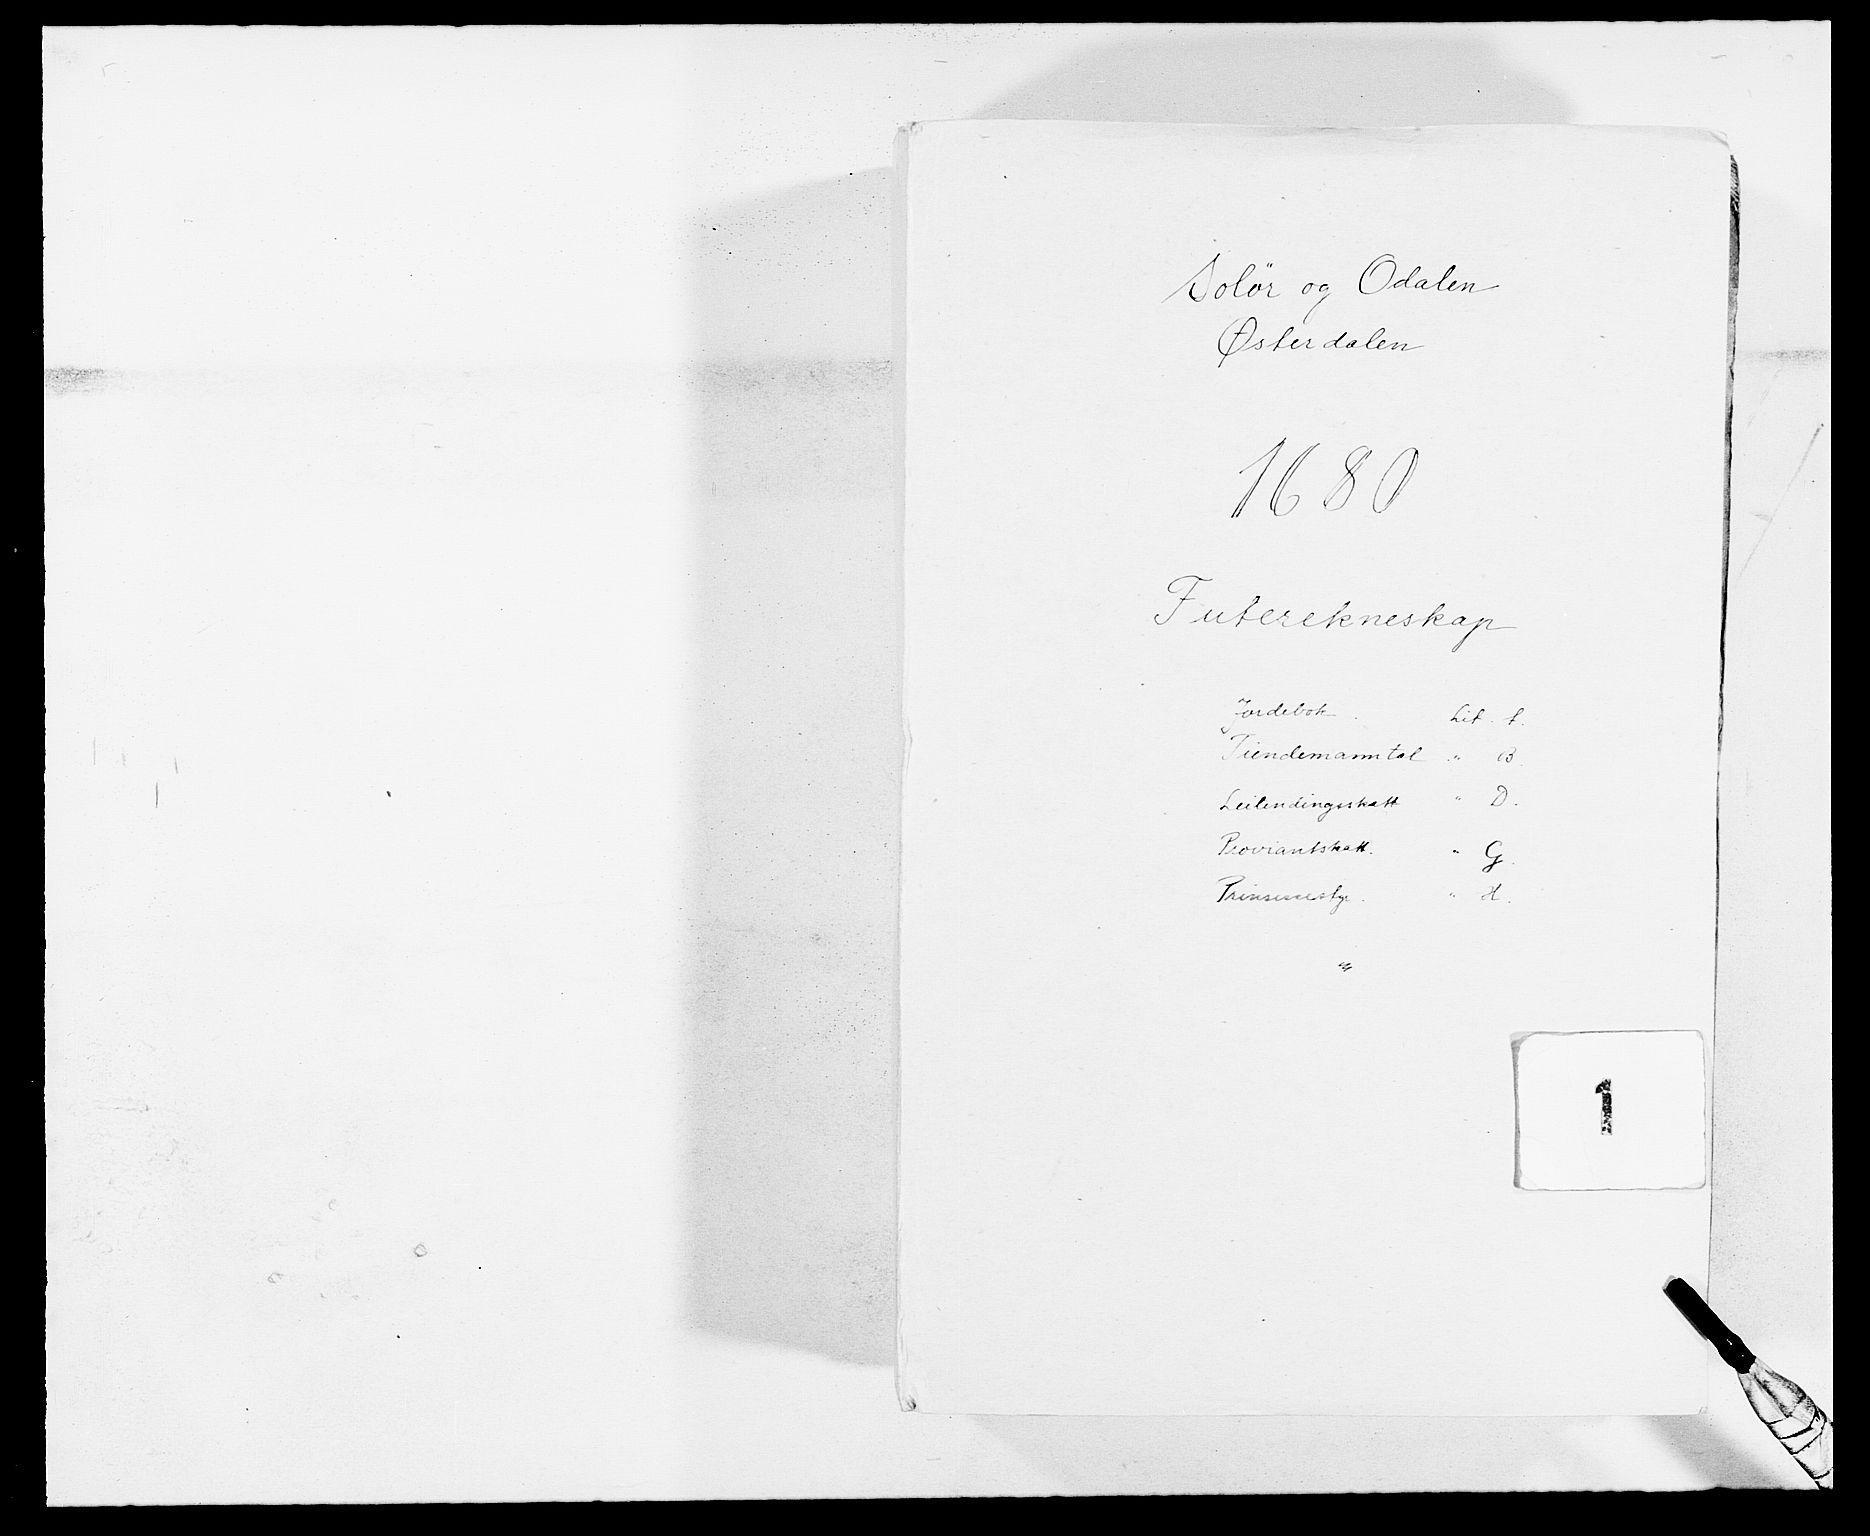 RA, Rentekammeret inntil 1814, Reviderte regnskaper, Fogderegnskap, R13/L0817: Fogderegnskap Solør, Odal og Østerdal, 1680, s. 1